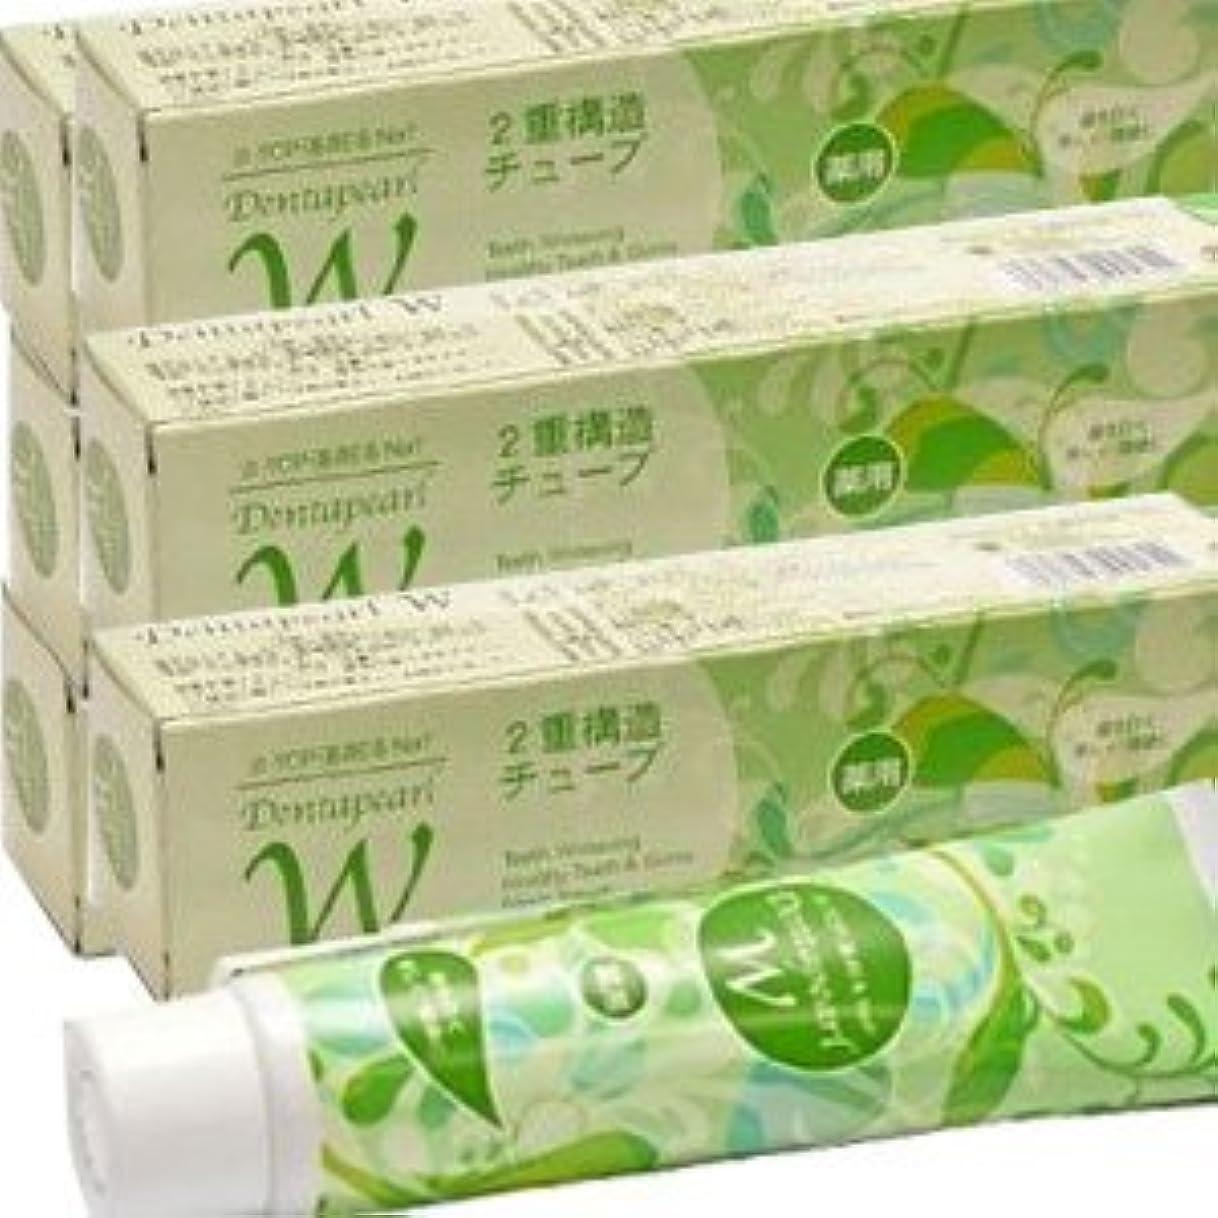 お金単調なインディカ【6本】三宝製薬 デンタパールW 薬用歯磨き(2重構造チューブ) 108gx6本 (4961248005744)